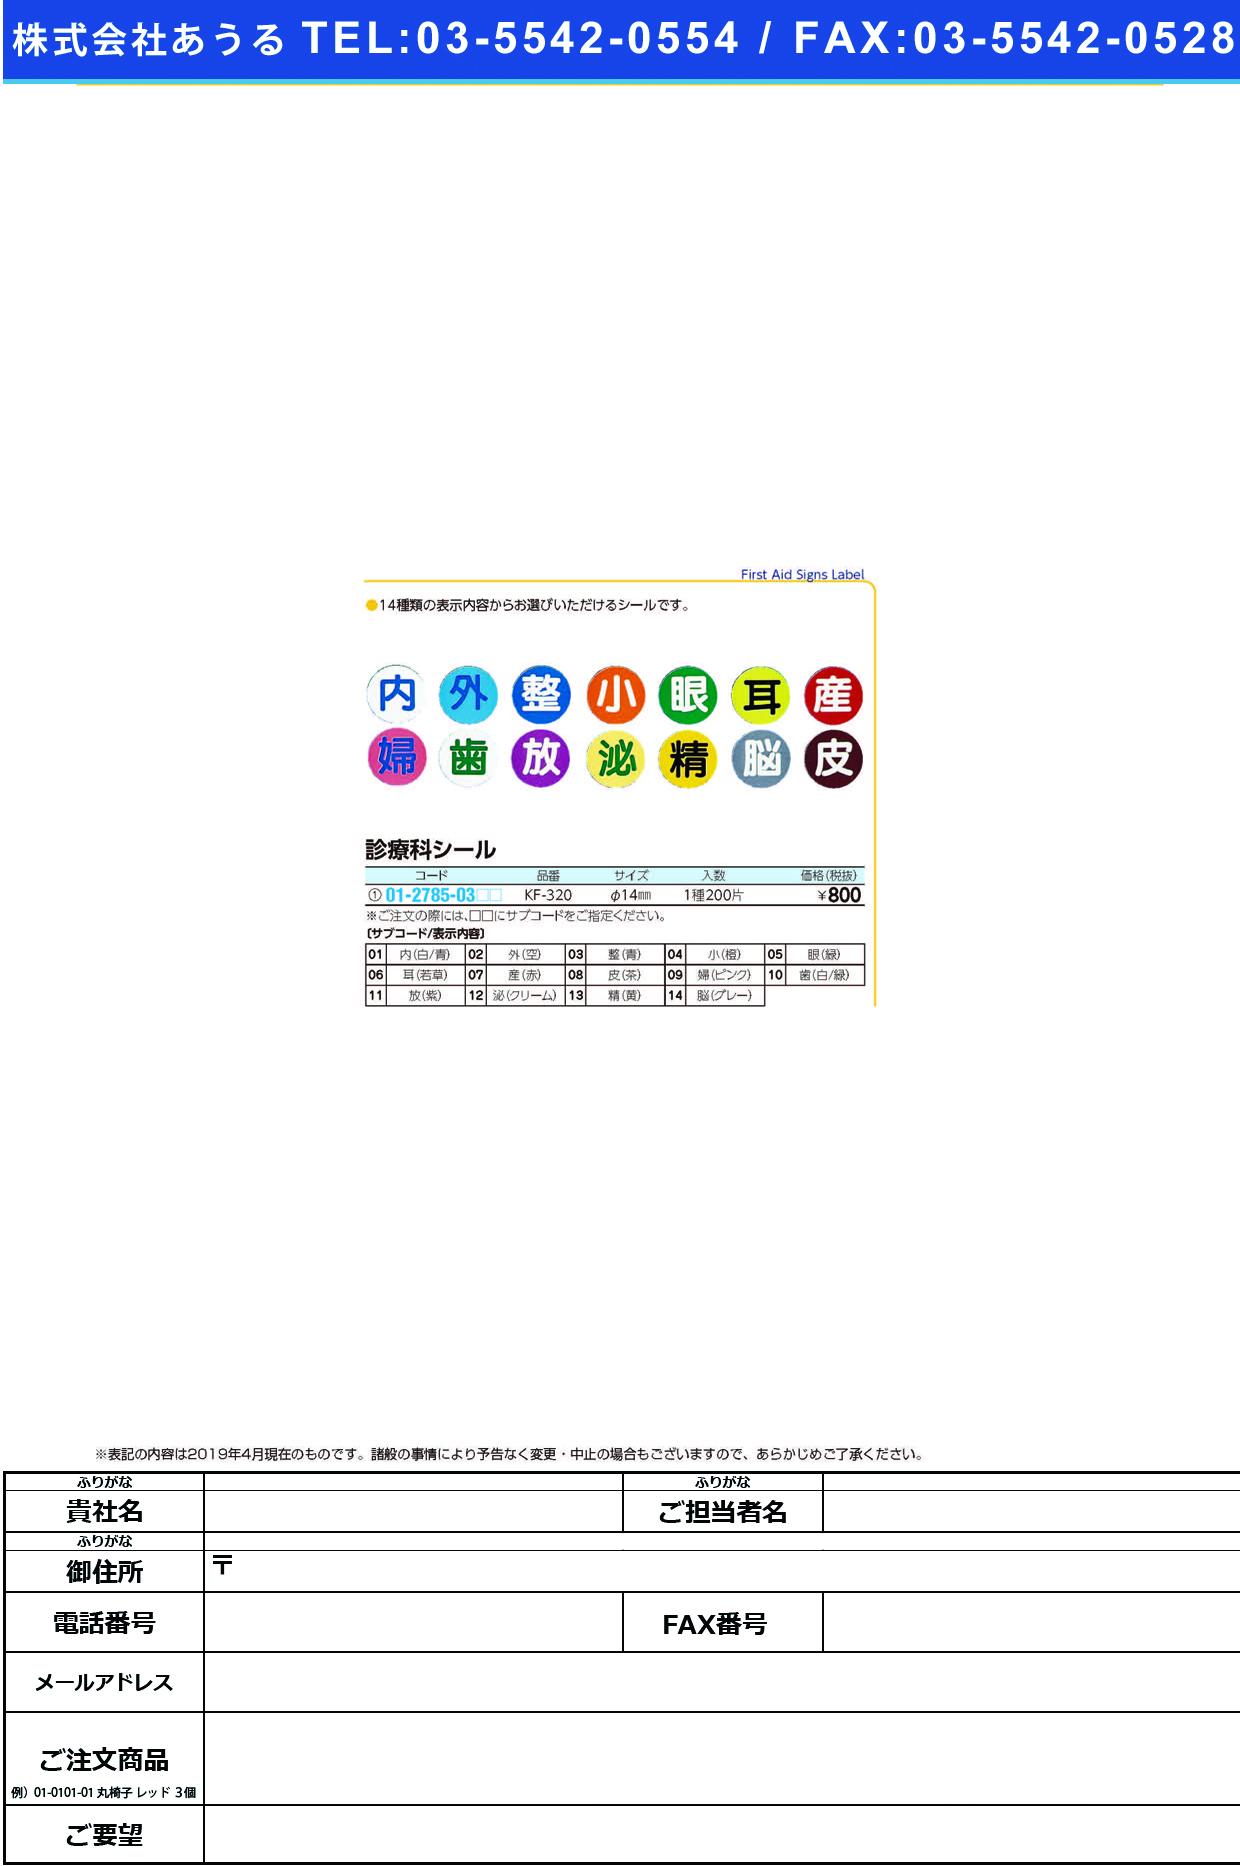 (01-2785-03)診療科シール KF-320(200ヘンイリ) シンリョウカシール 内(白、文字青)(ケルン)【1袋単位】【2019年カタログ商品】